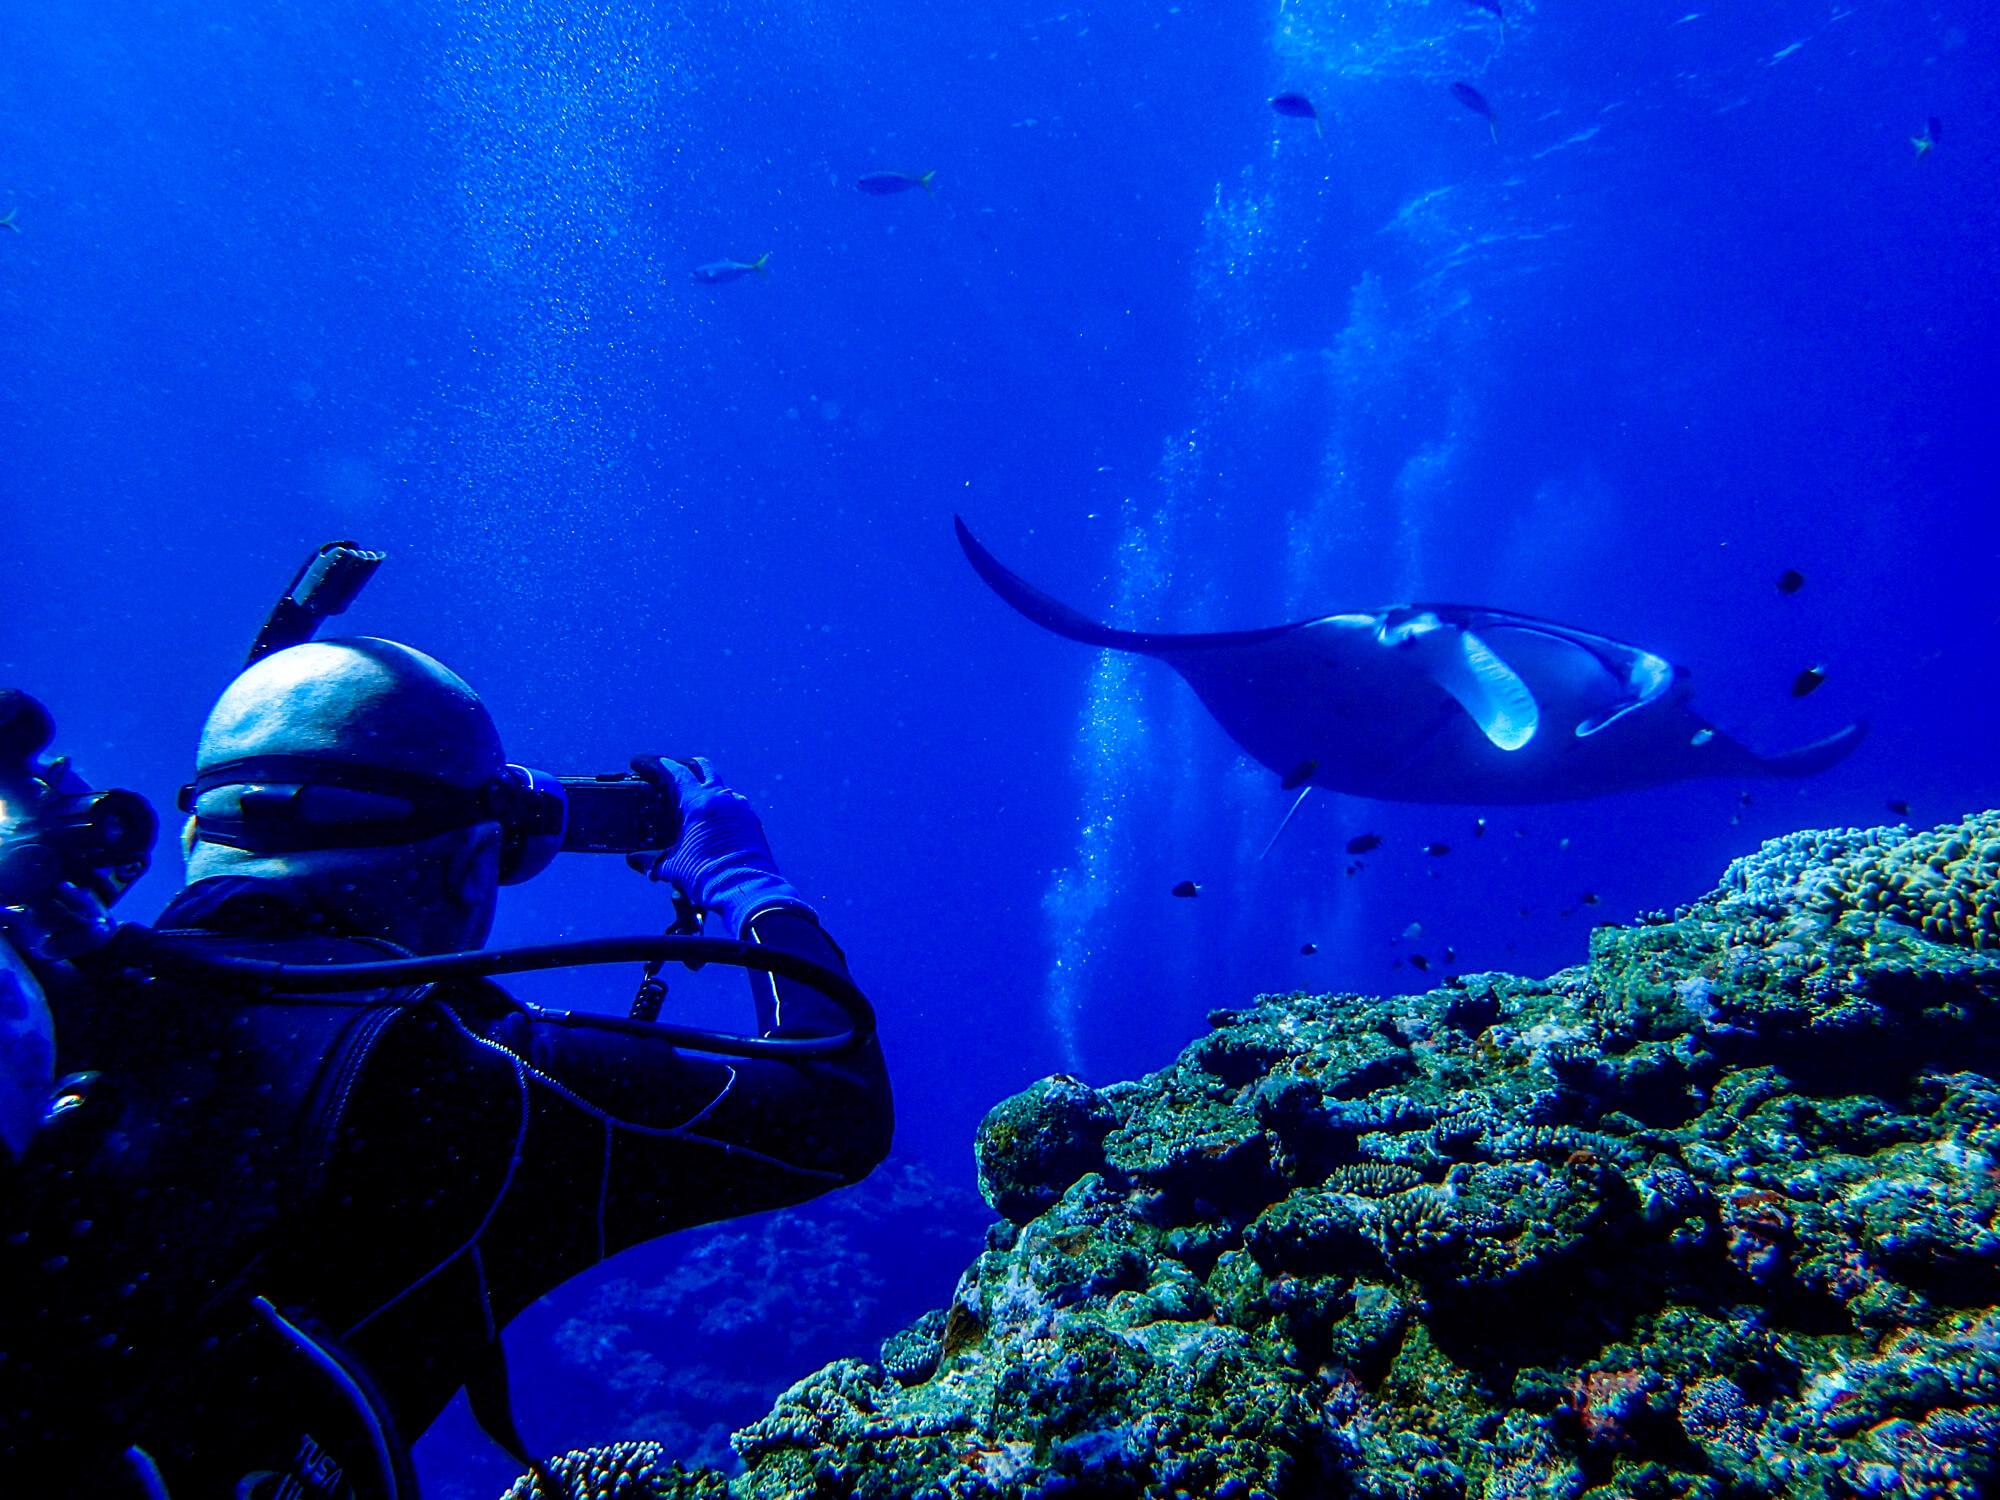 石垣島でマンタとウミガメ体験ダイビング